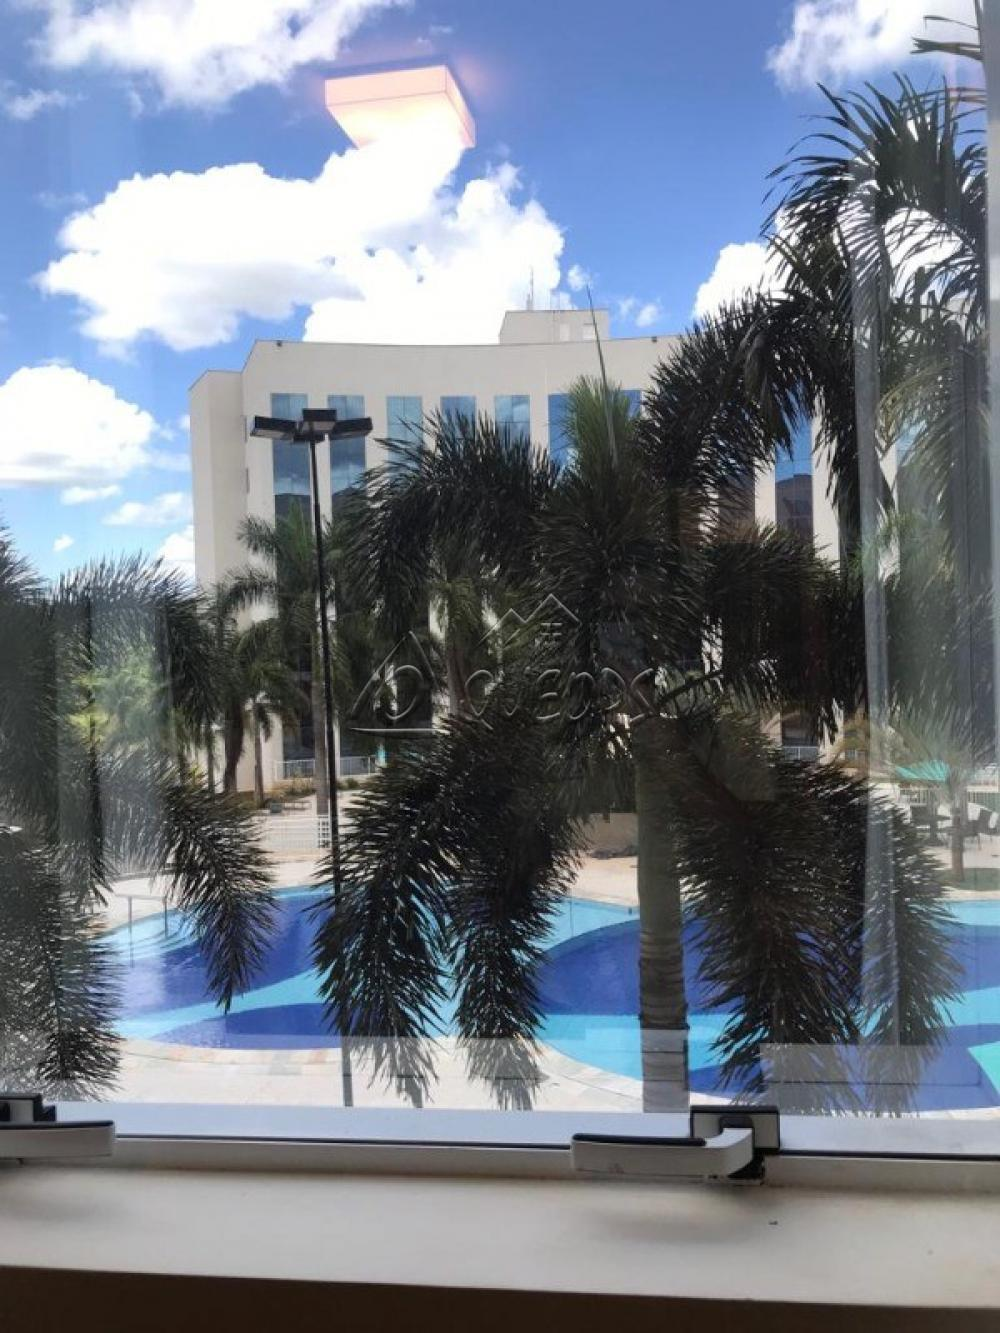 Comprar Apartamento / Padrão em Barretos apenas R$ 350.000,00 - Foto 8